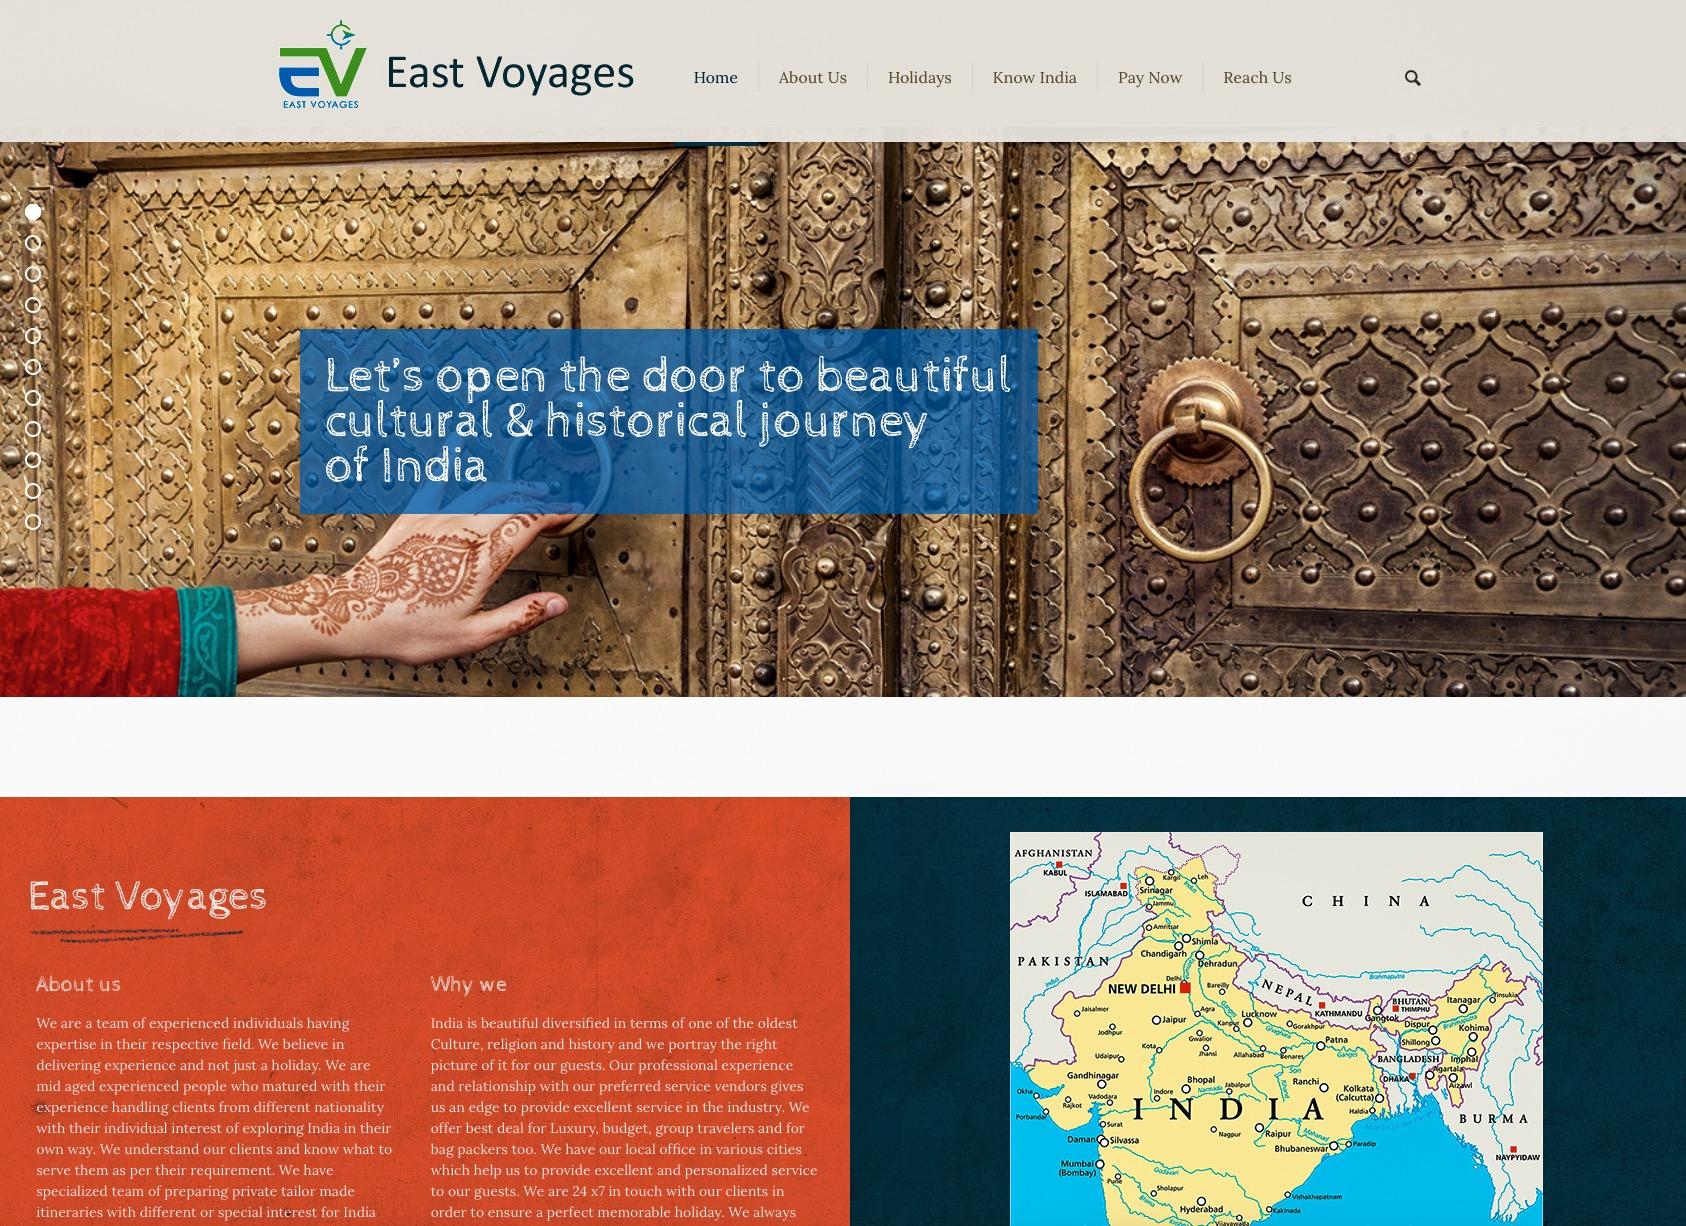 www.eastvoyages.com